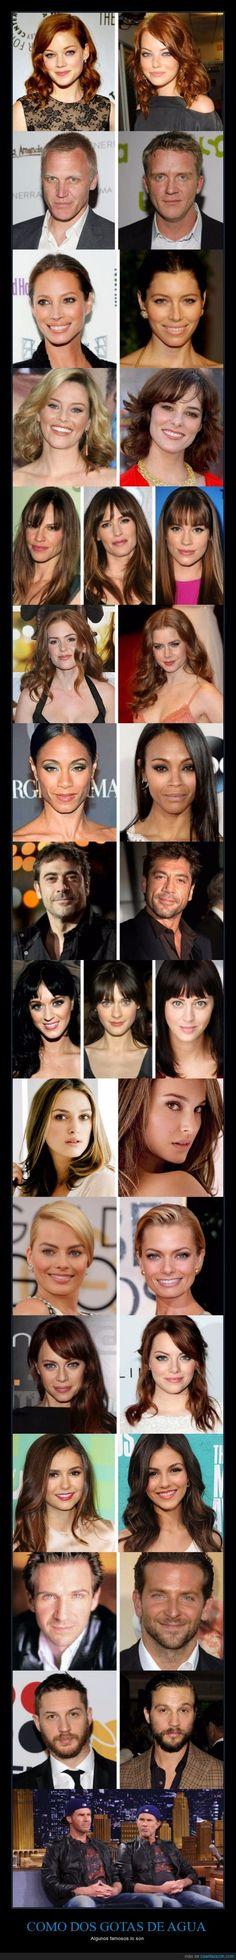 Los padres de todos estos famosos tienen alguna explicación que dar... - Algunos famosos lo son